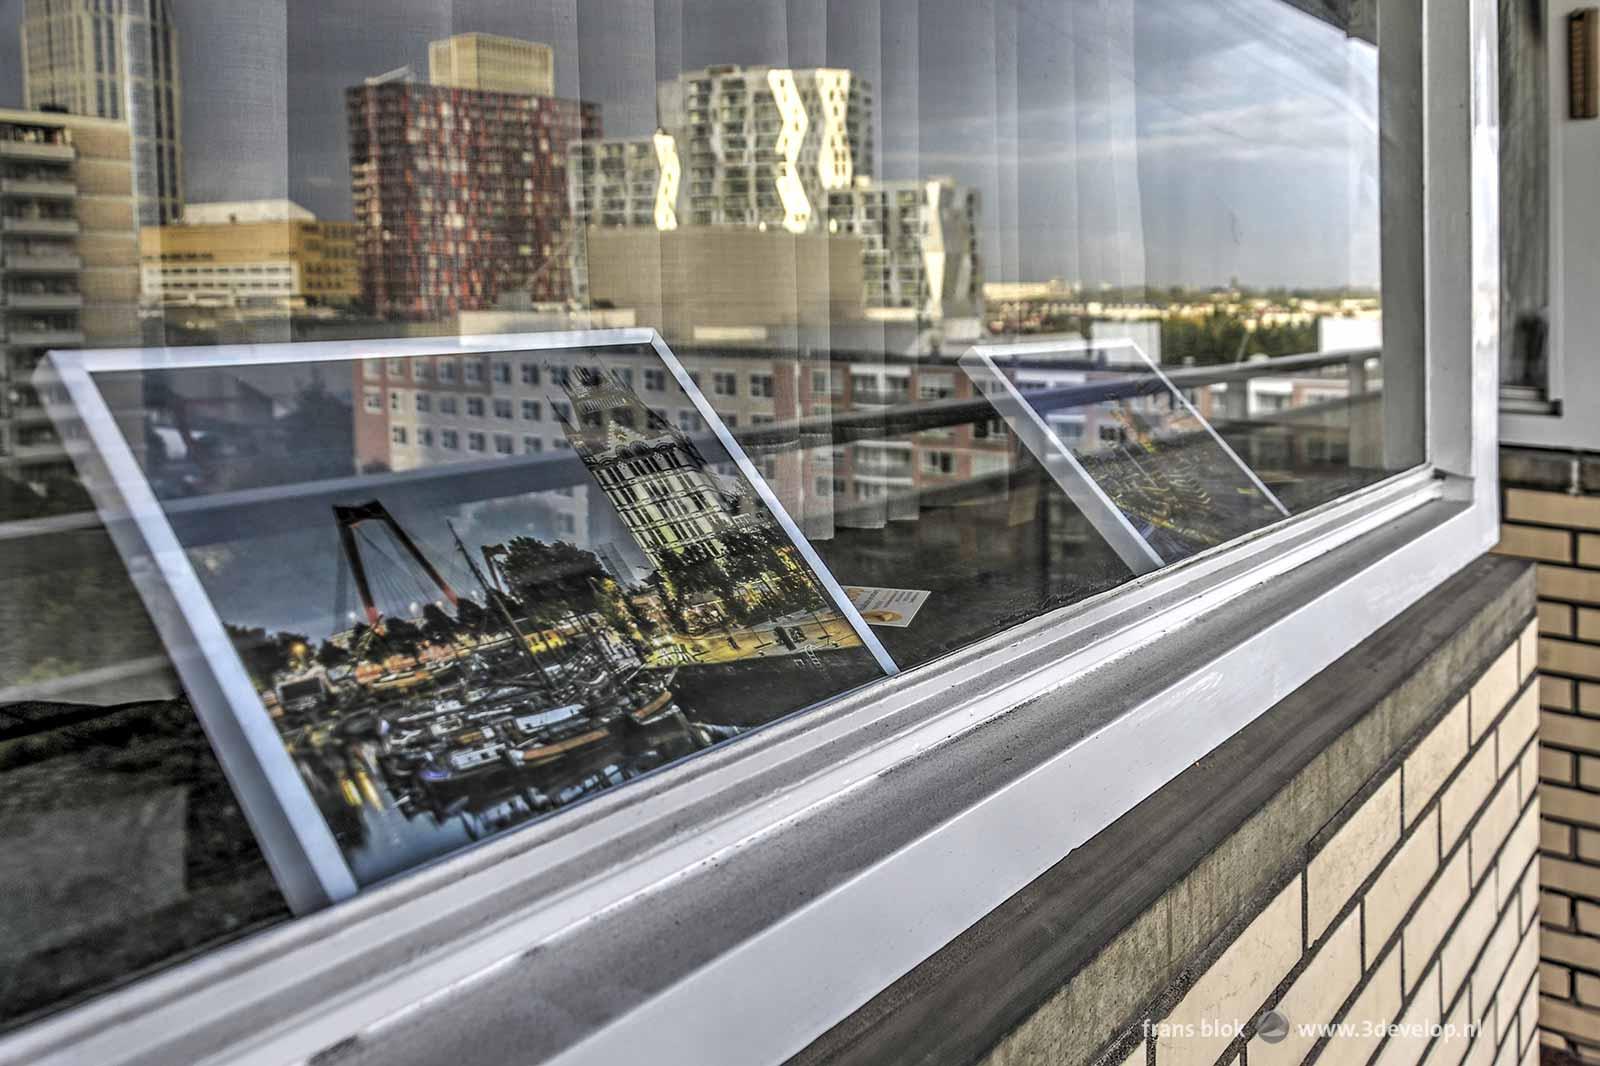 Foto van het Witte Huis en de Willemsbrug, ingelijst achter het raam in een van de Lijnbaanflats, waarin ook de reflectie van het Calypso-gebouw te zien is.